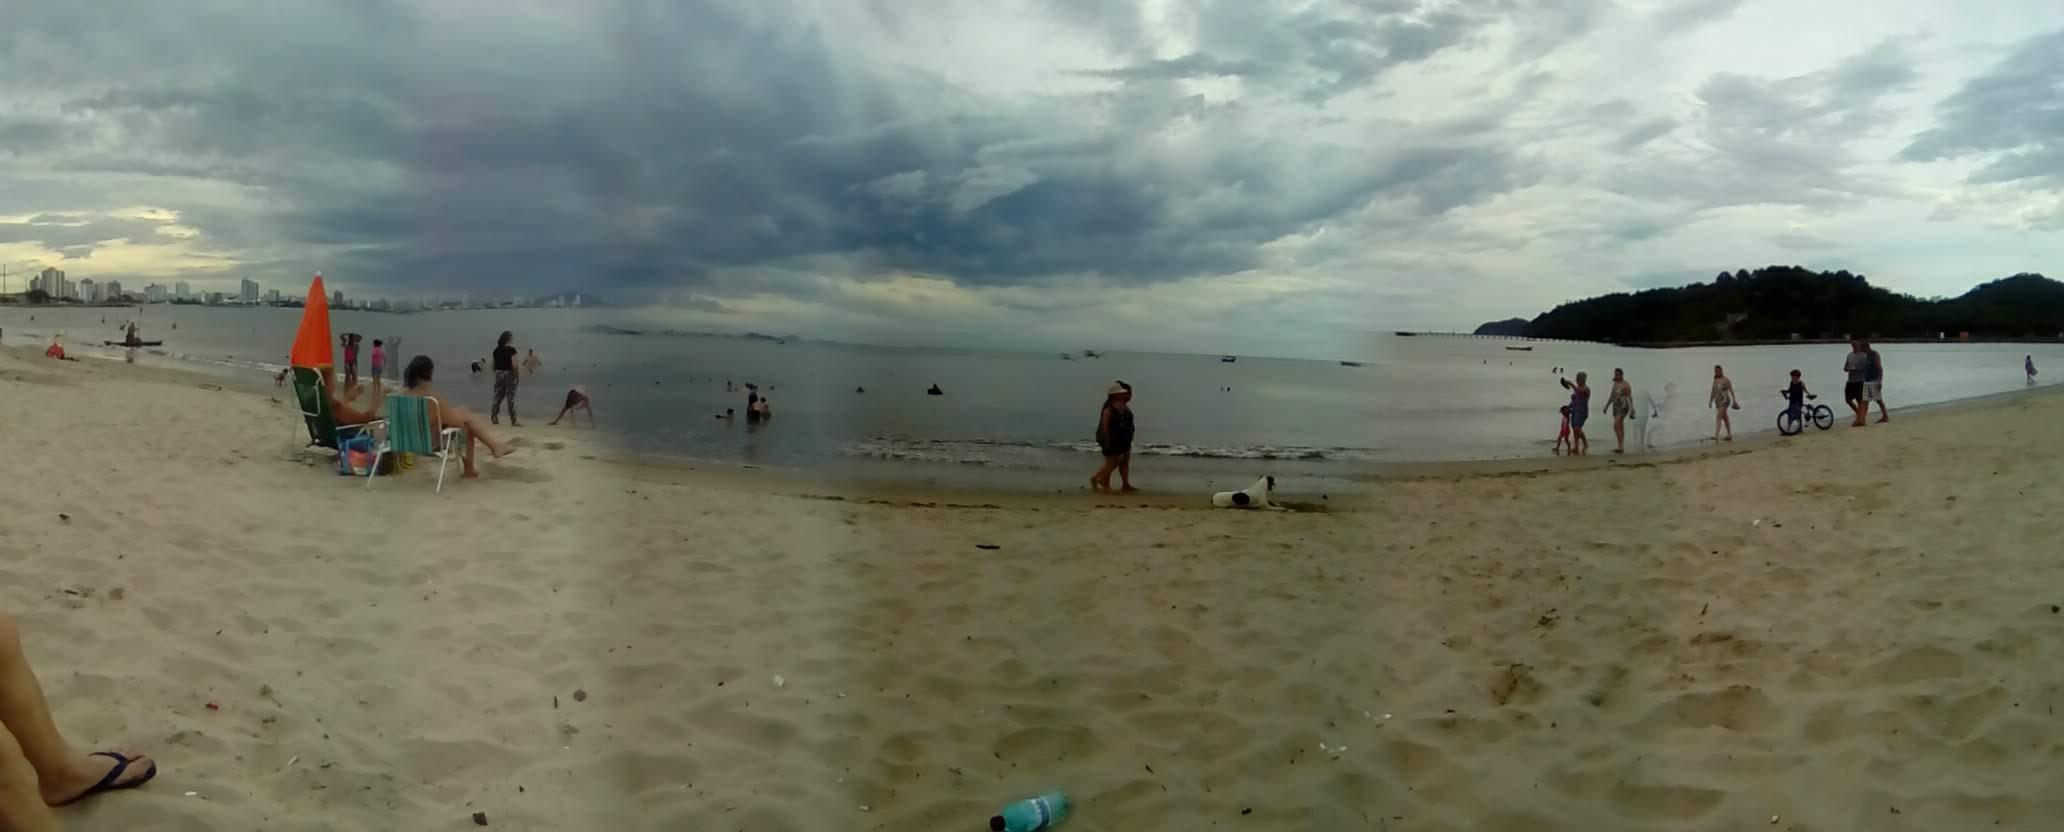 Praia Alegre, pena estar tão suja.